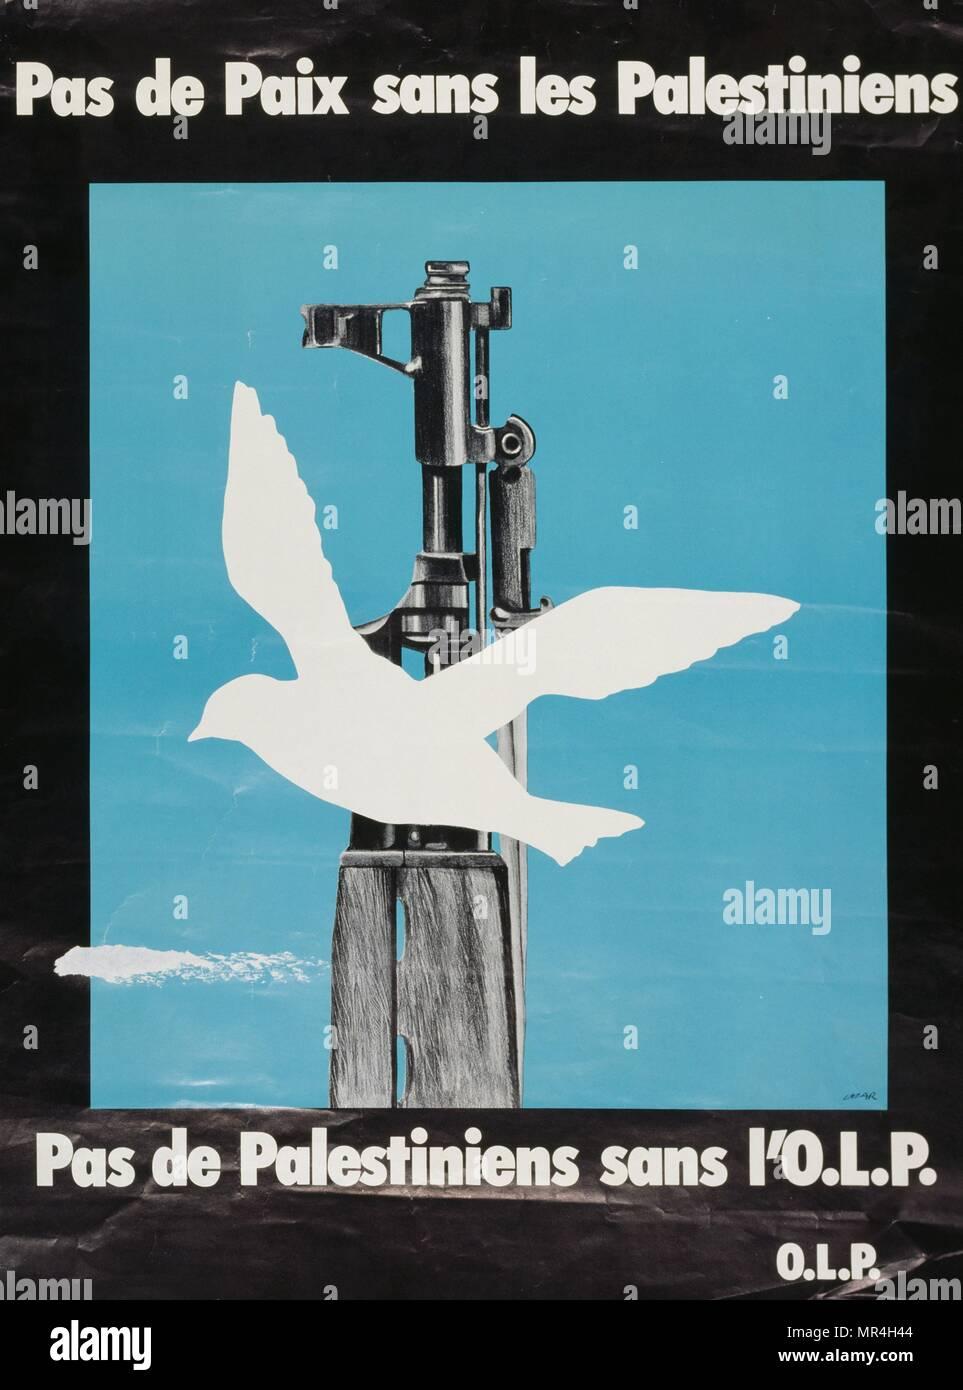 L'Organisation de libération de la Palestine (OLP) affiche de propagande contre le processus de paix avec Israël 1983 Photo Stock